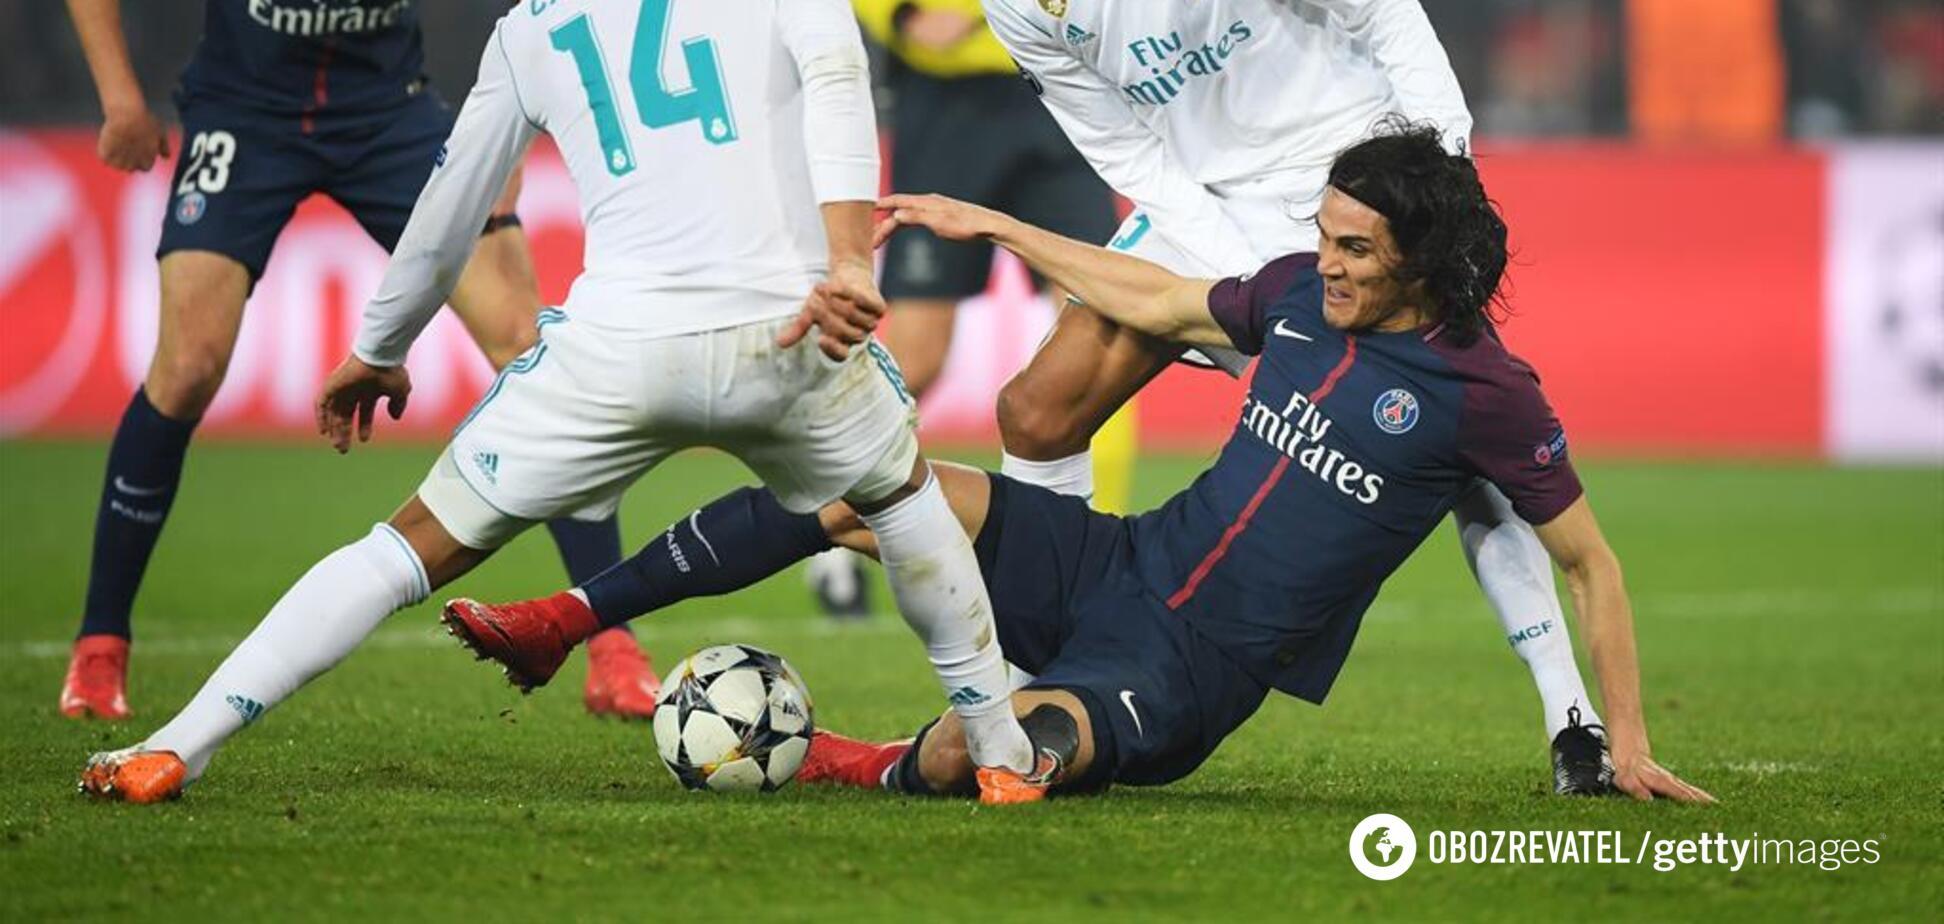 Разгром! ПСЖ – Реал: смотреть онлайн матч Лиги чемпионов